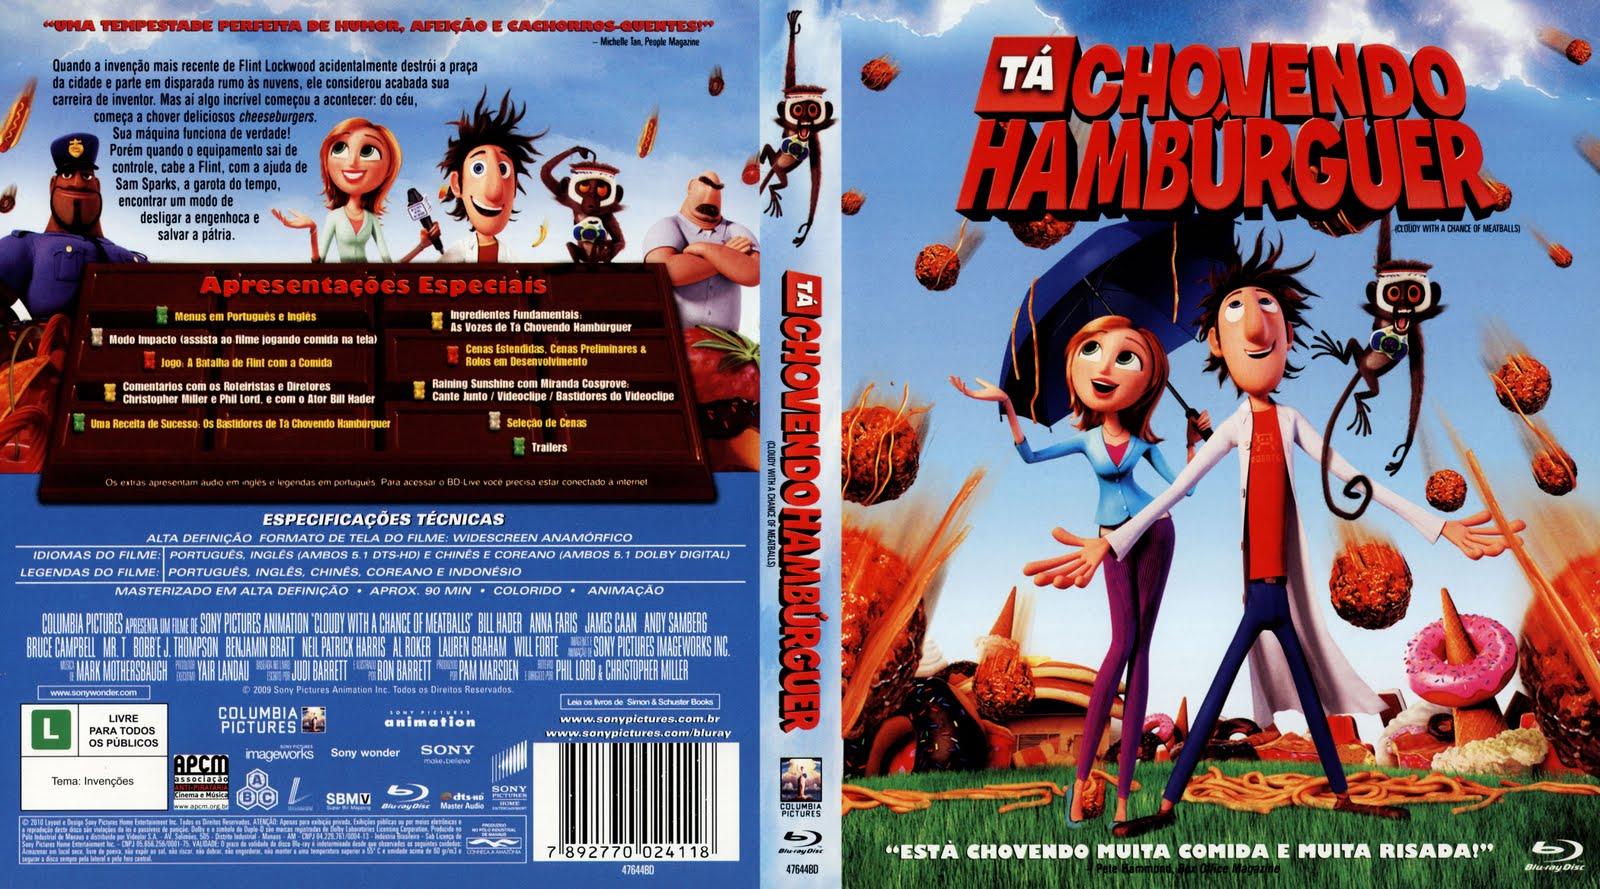 Filme Ta Chovendo Hamburguer Dublado Completo with capas filmes animação: março 2013